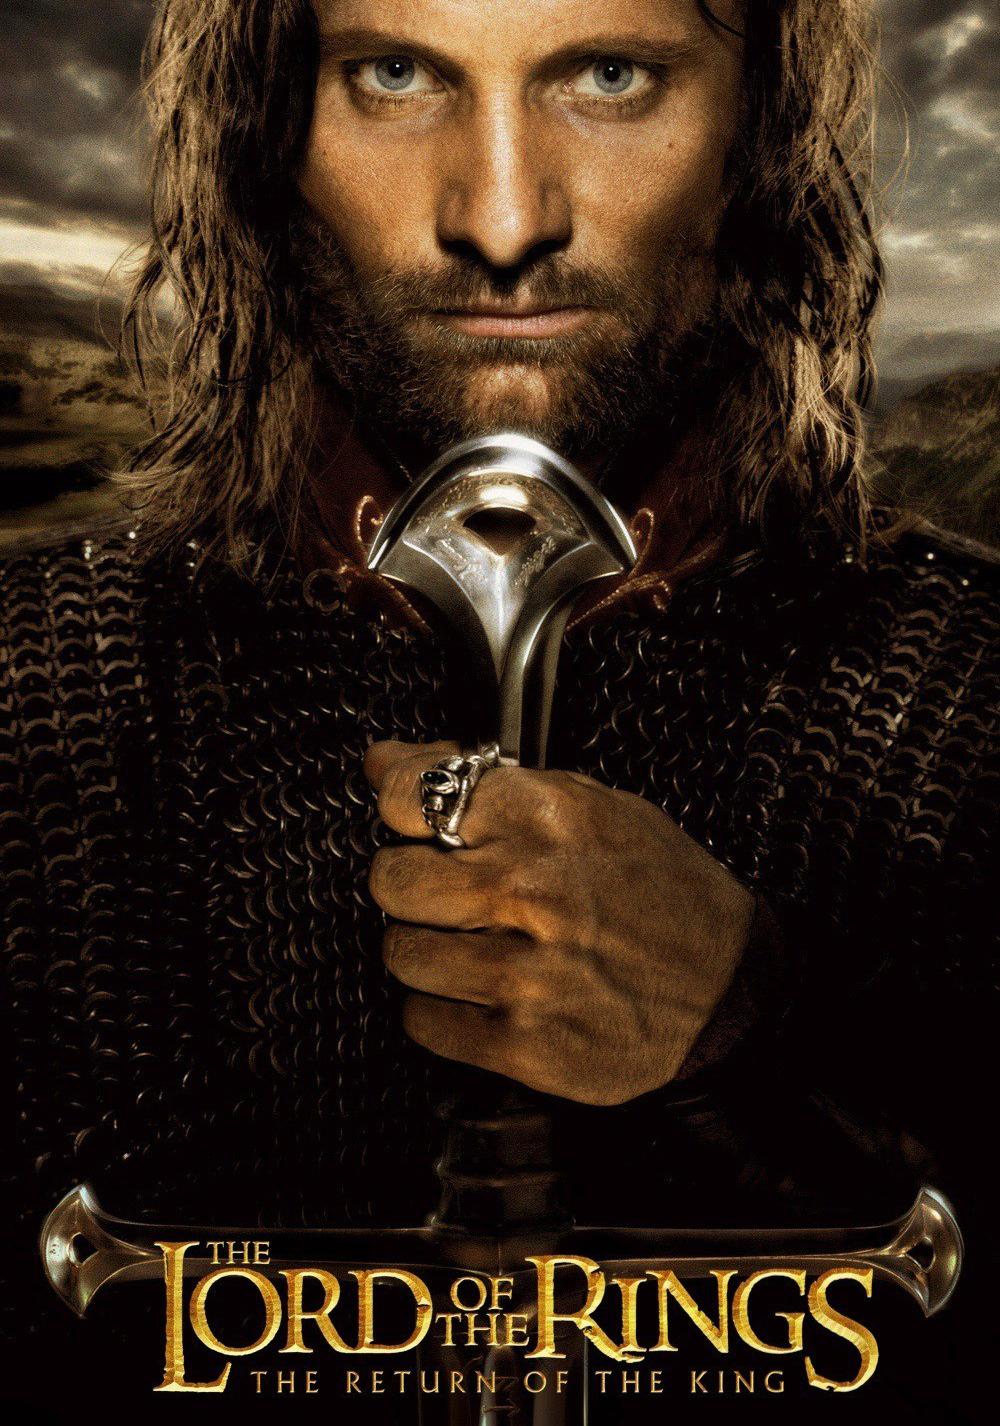 ბეჭდების მბრძანებელი 3 - მეფის დაბრუნება (ქართულად)  The Lord of the Rings: The Return of the King Властелин колец: Возвращение короля